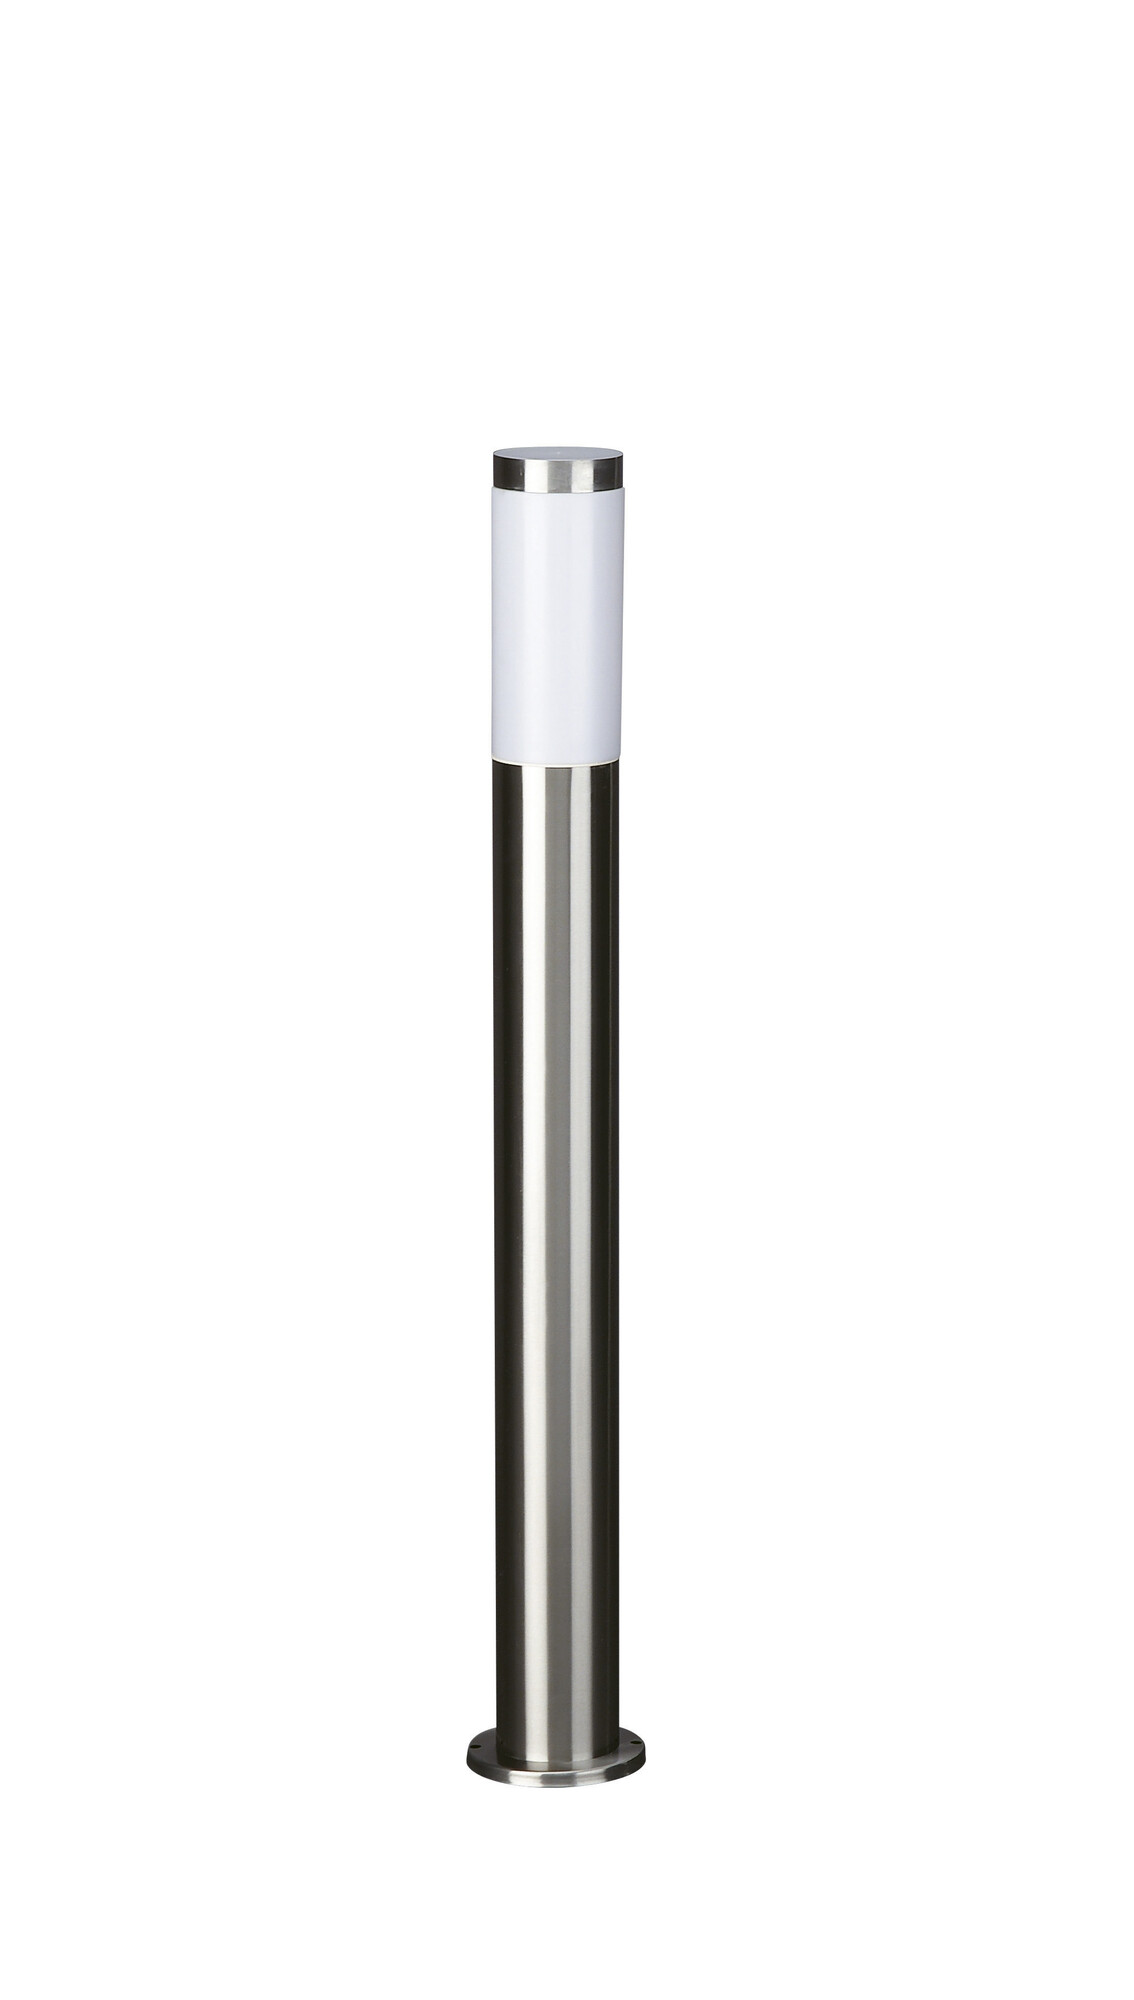 Philips UTRECHT Tuinpaal E27 1x Lichtgrijs